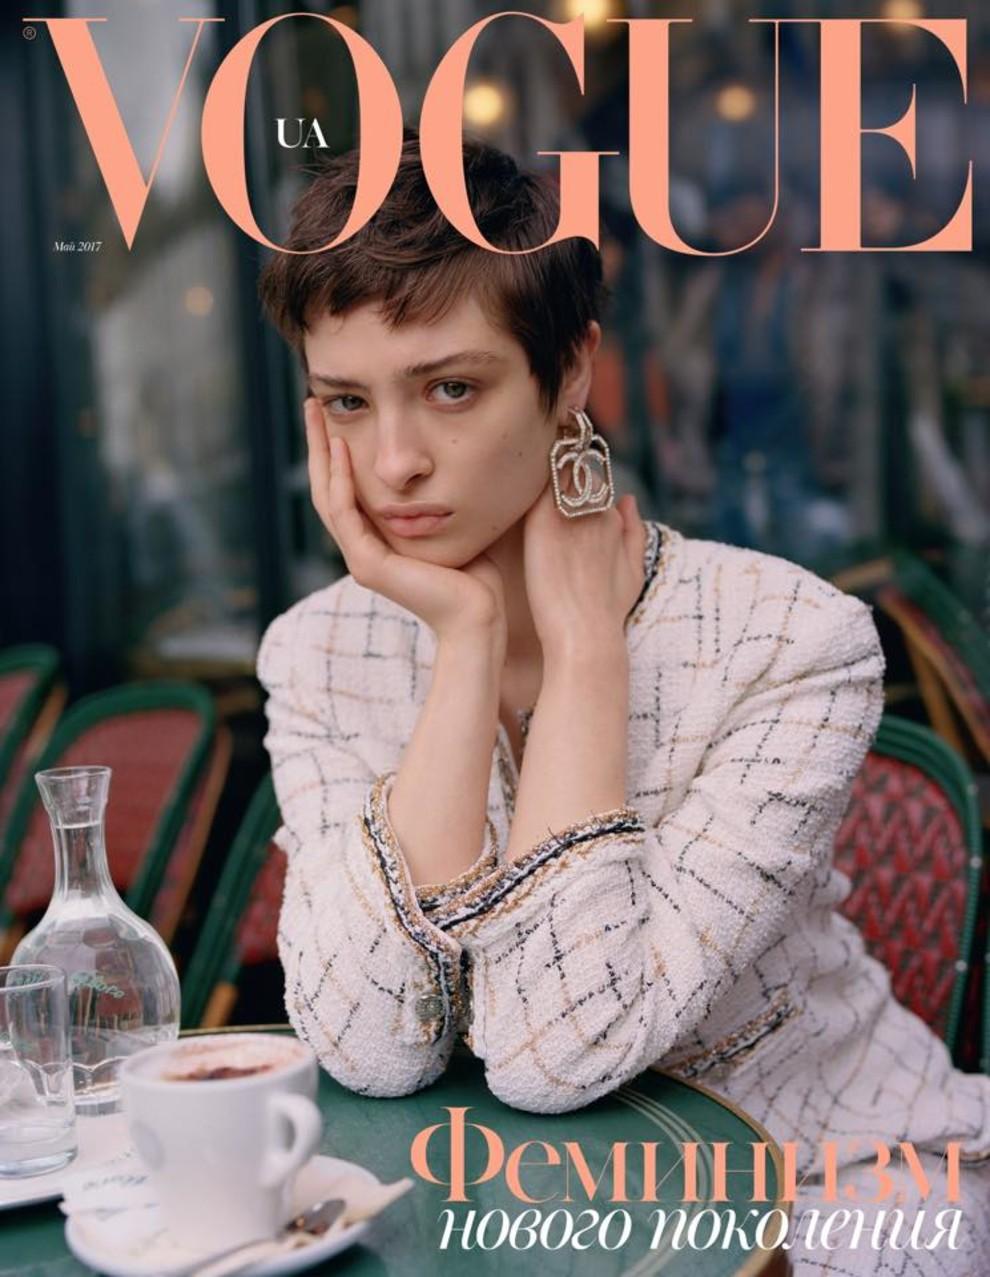 2d6f1779a91d Vogue UA май 2017, фото - Бенжамин Внук, стиль - Симон Эльмалем